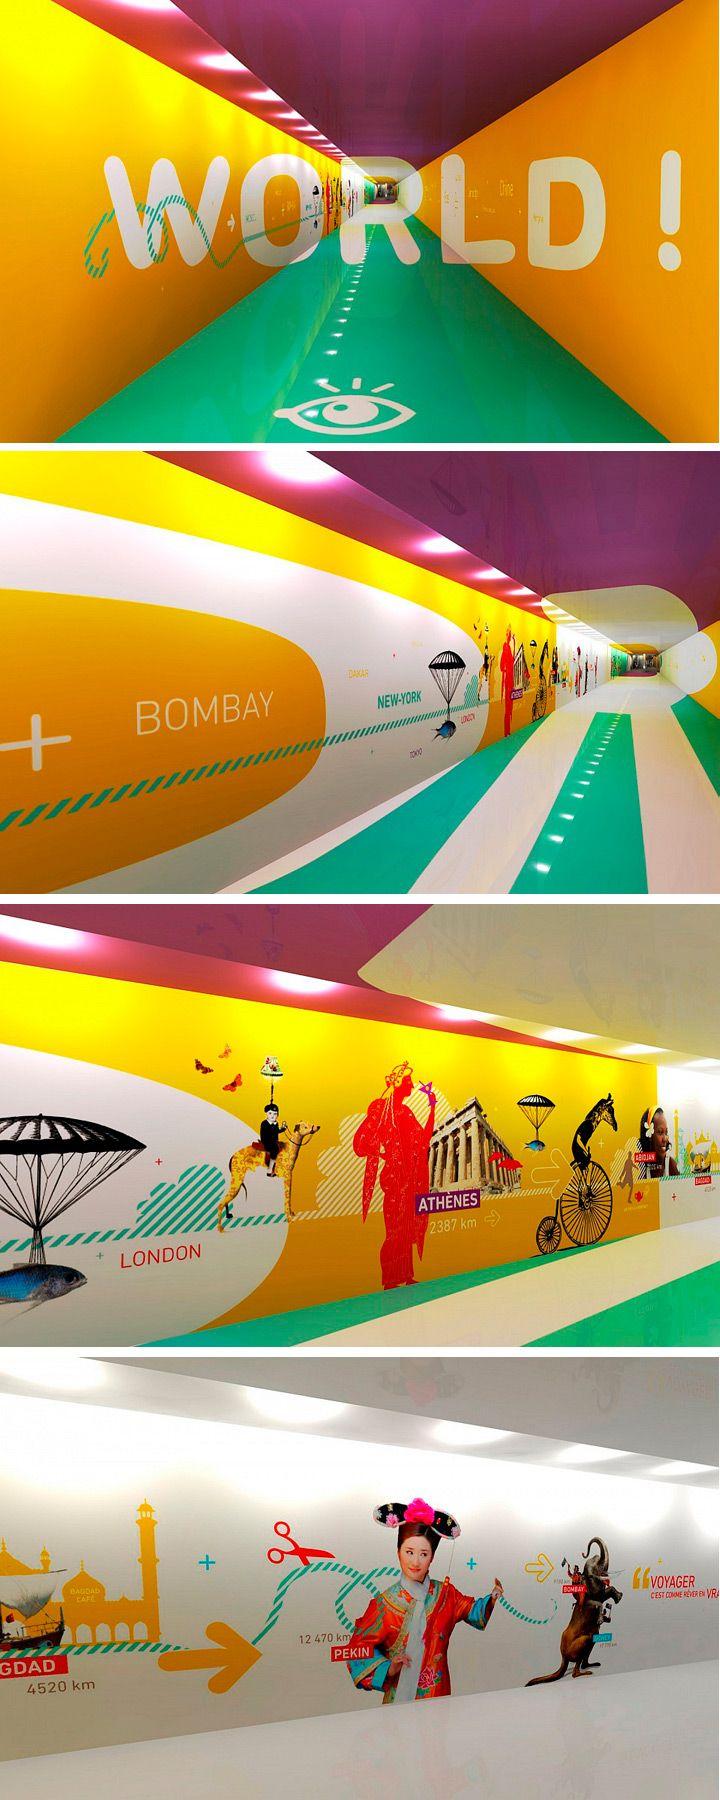 Plan D Diseño gráfico, diseño web, marketing e Identidad Corporativa en Málaga » Diseño de señalética Aeropuerto de Lyon